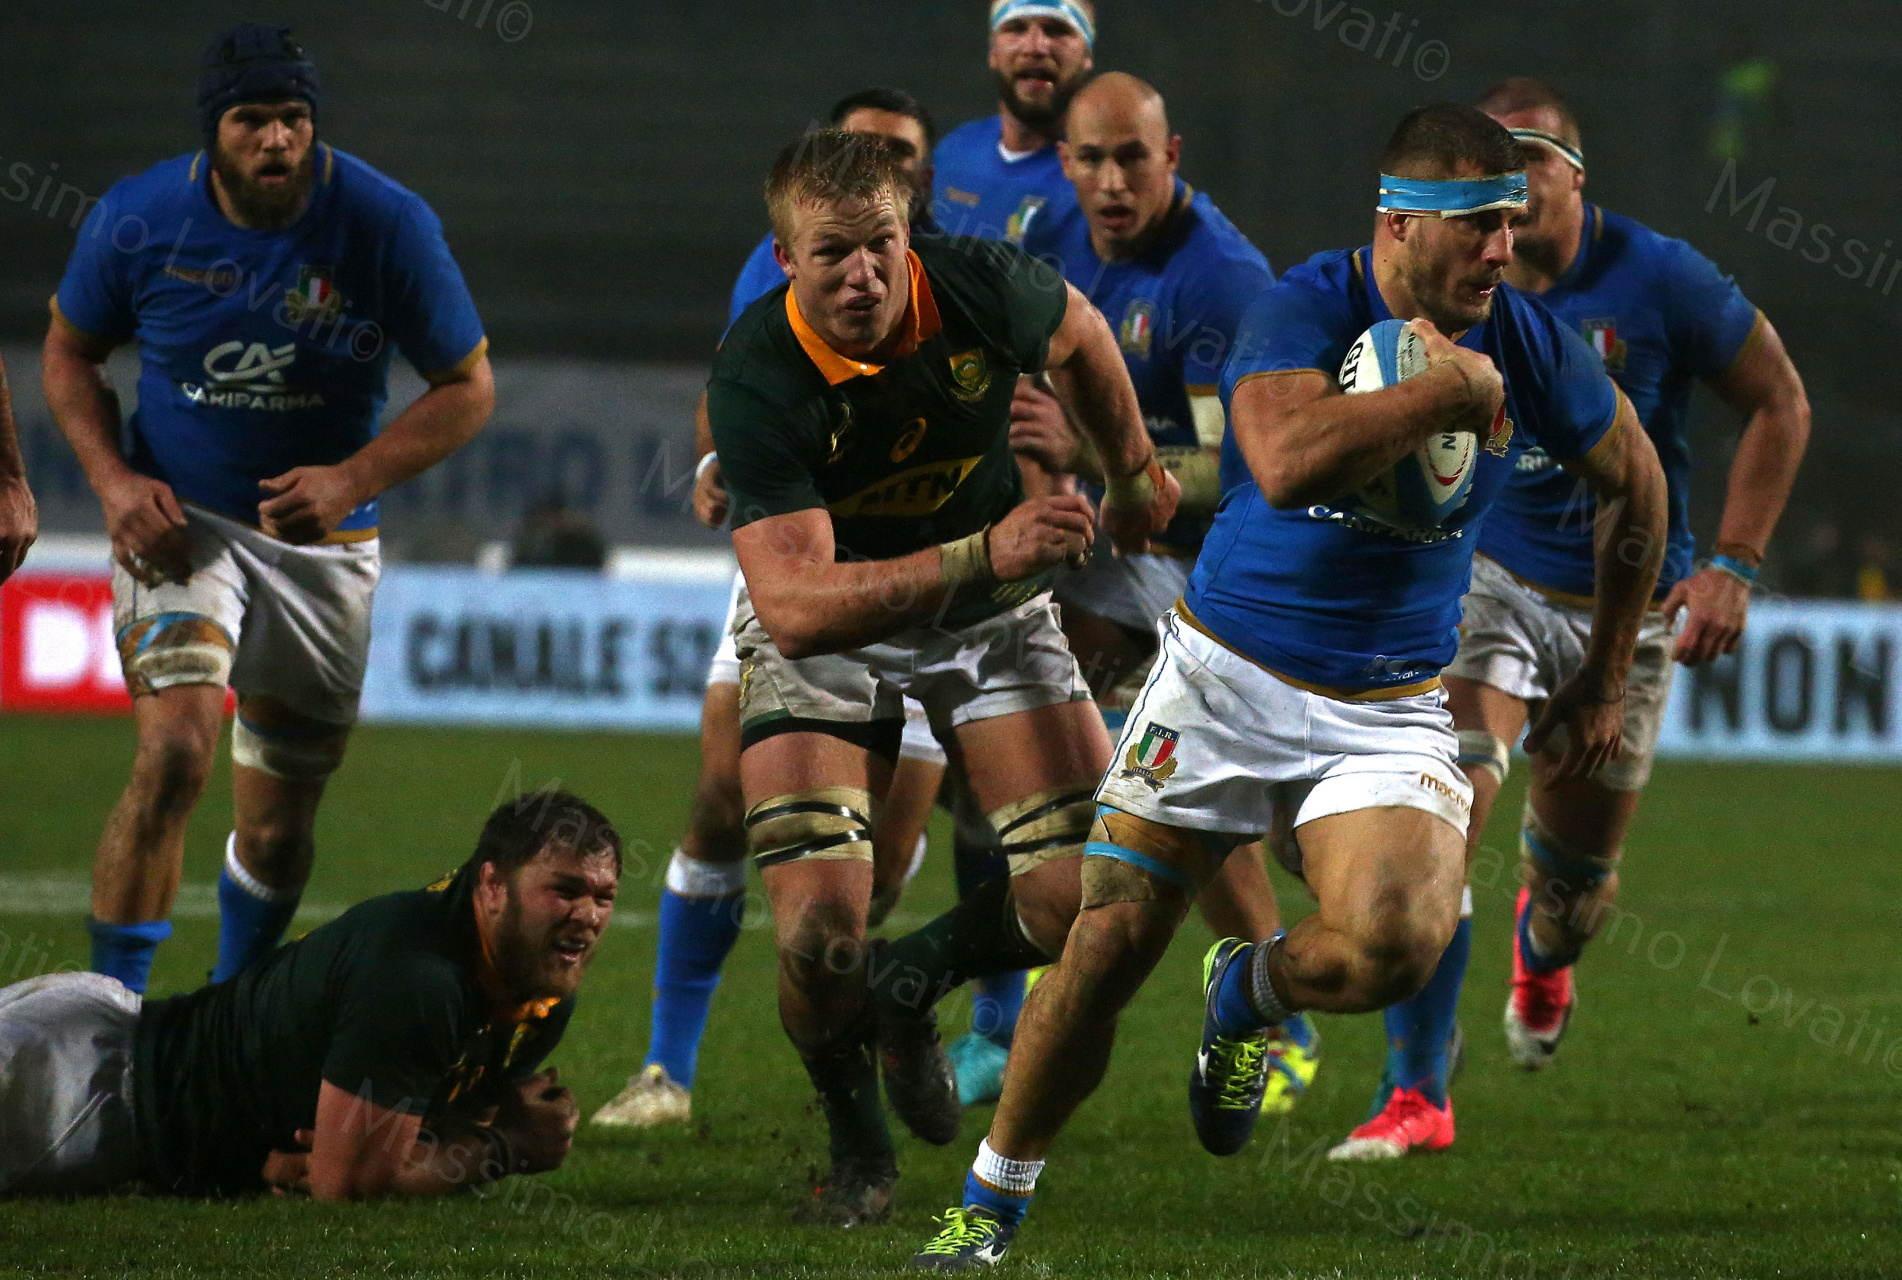 25/11/2017 Padova Rugby Test Match Italia - Sudafrica, nella foto  Tommaso Castello